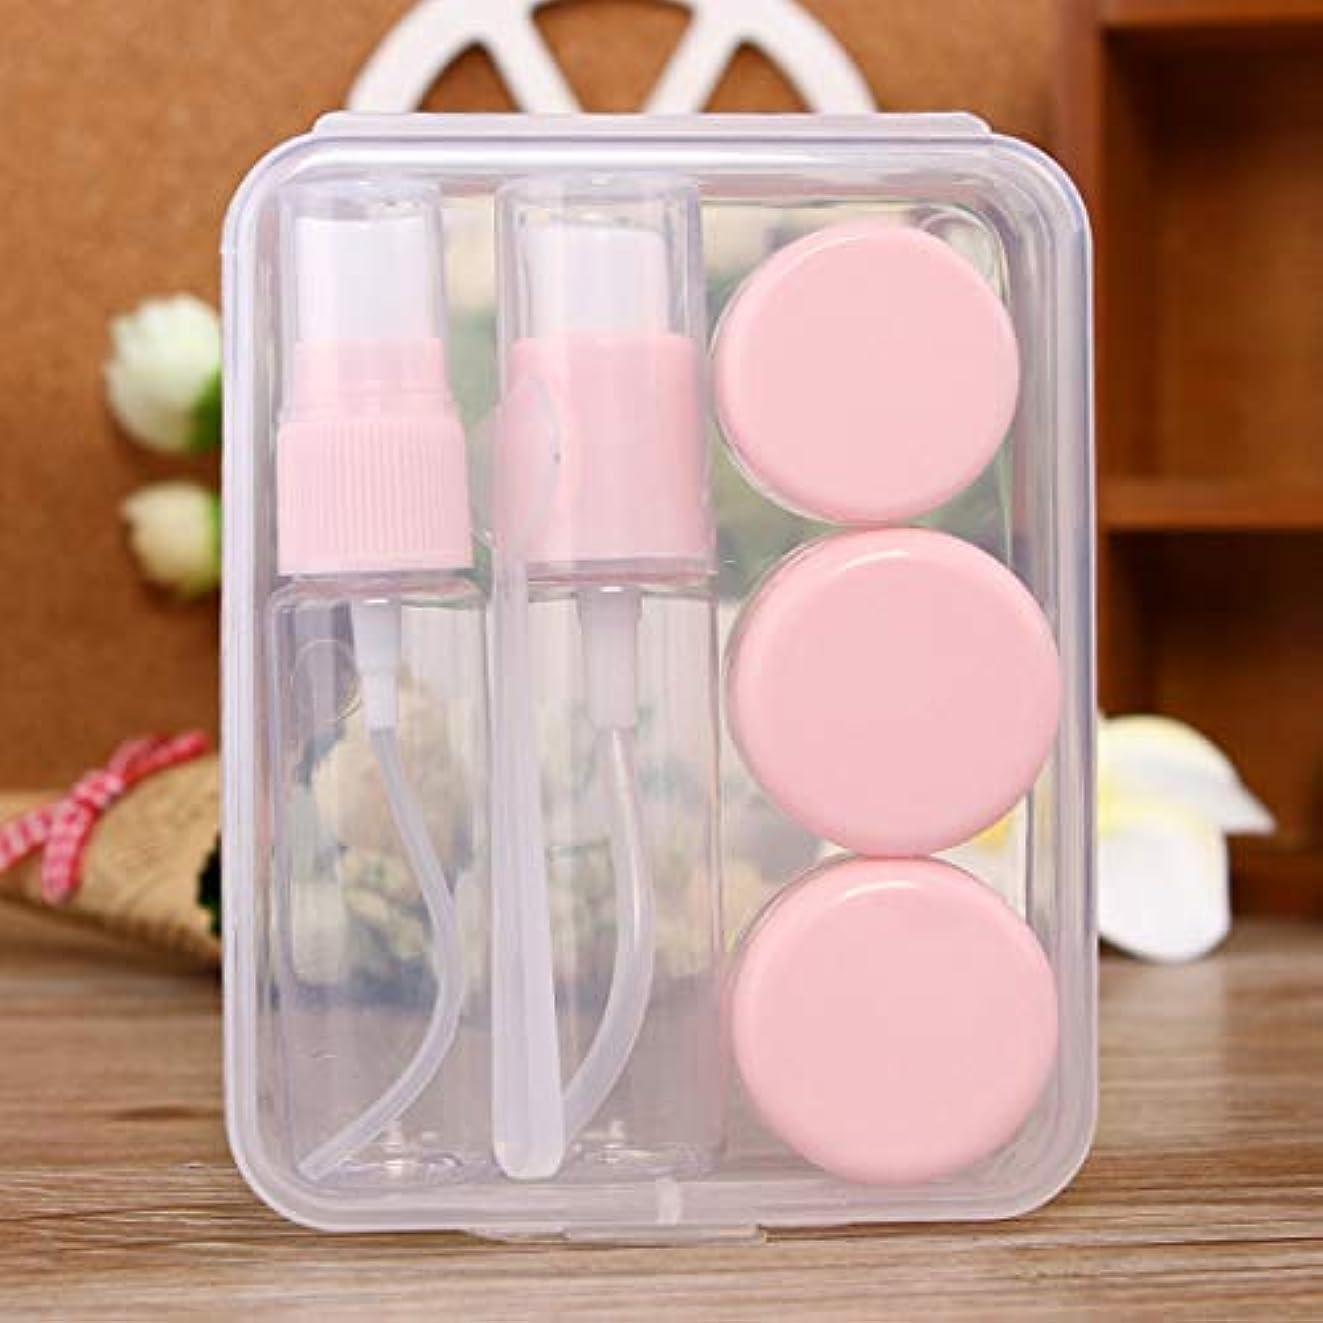 英語の授業があります休憩サミットMEI1JIA QUELLIAトラベルサイズの化粧品ボトルキット(ピンク) (色 : ピンク)